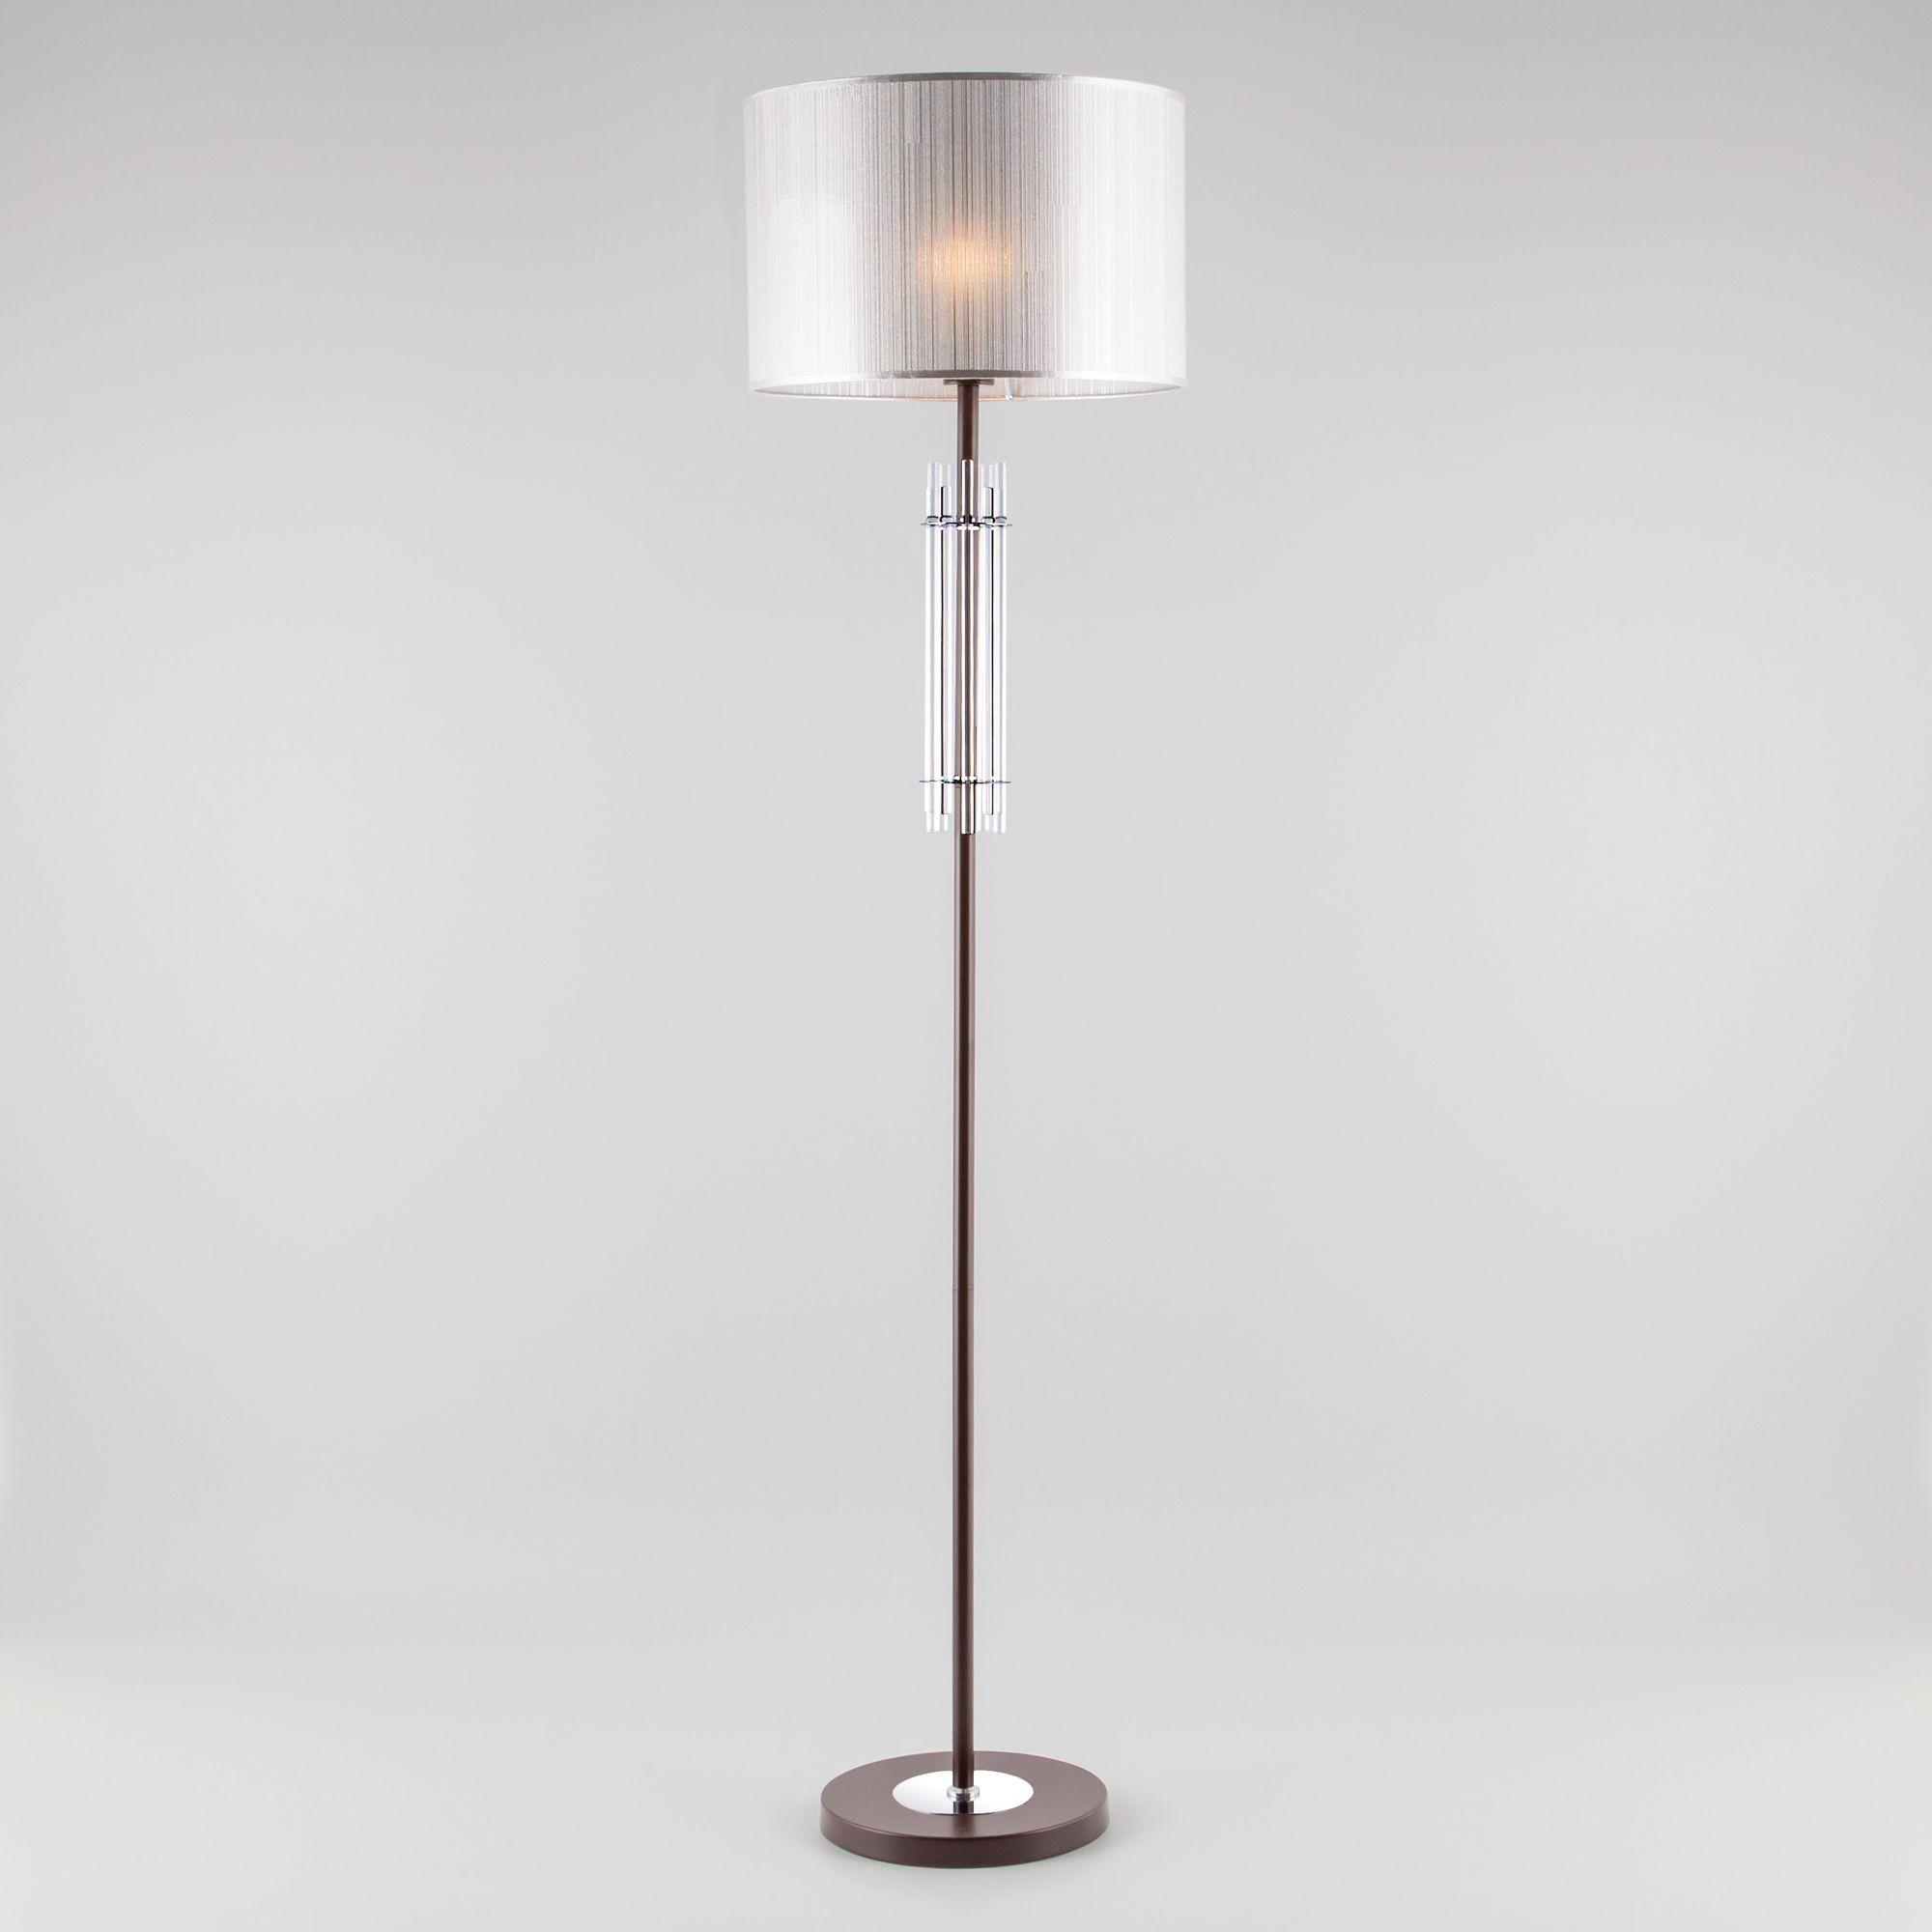 Напольный светильник с абажуром 01062/1 хром